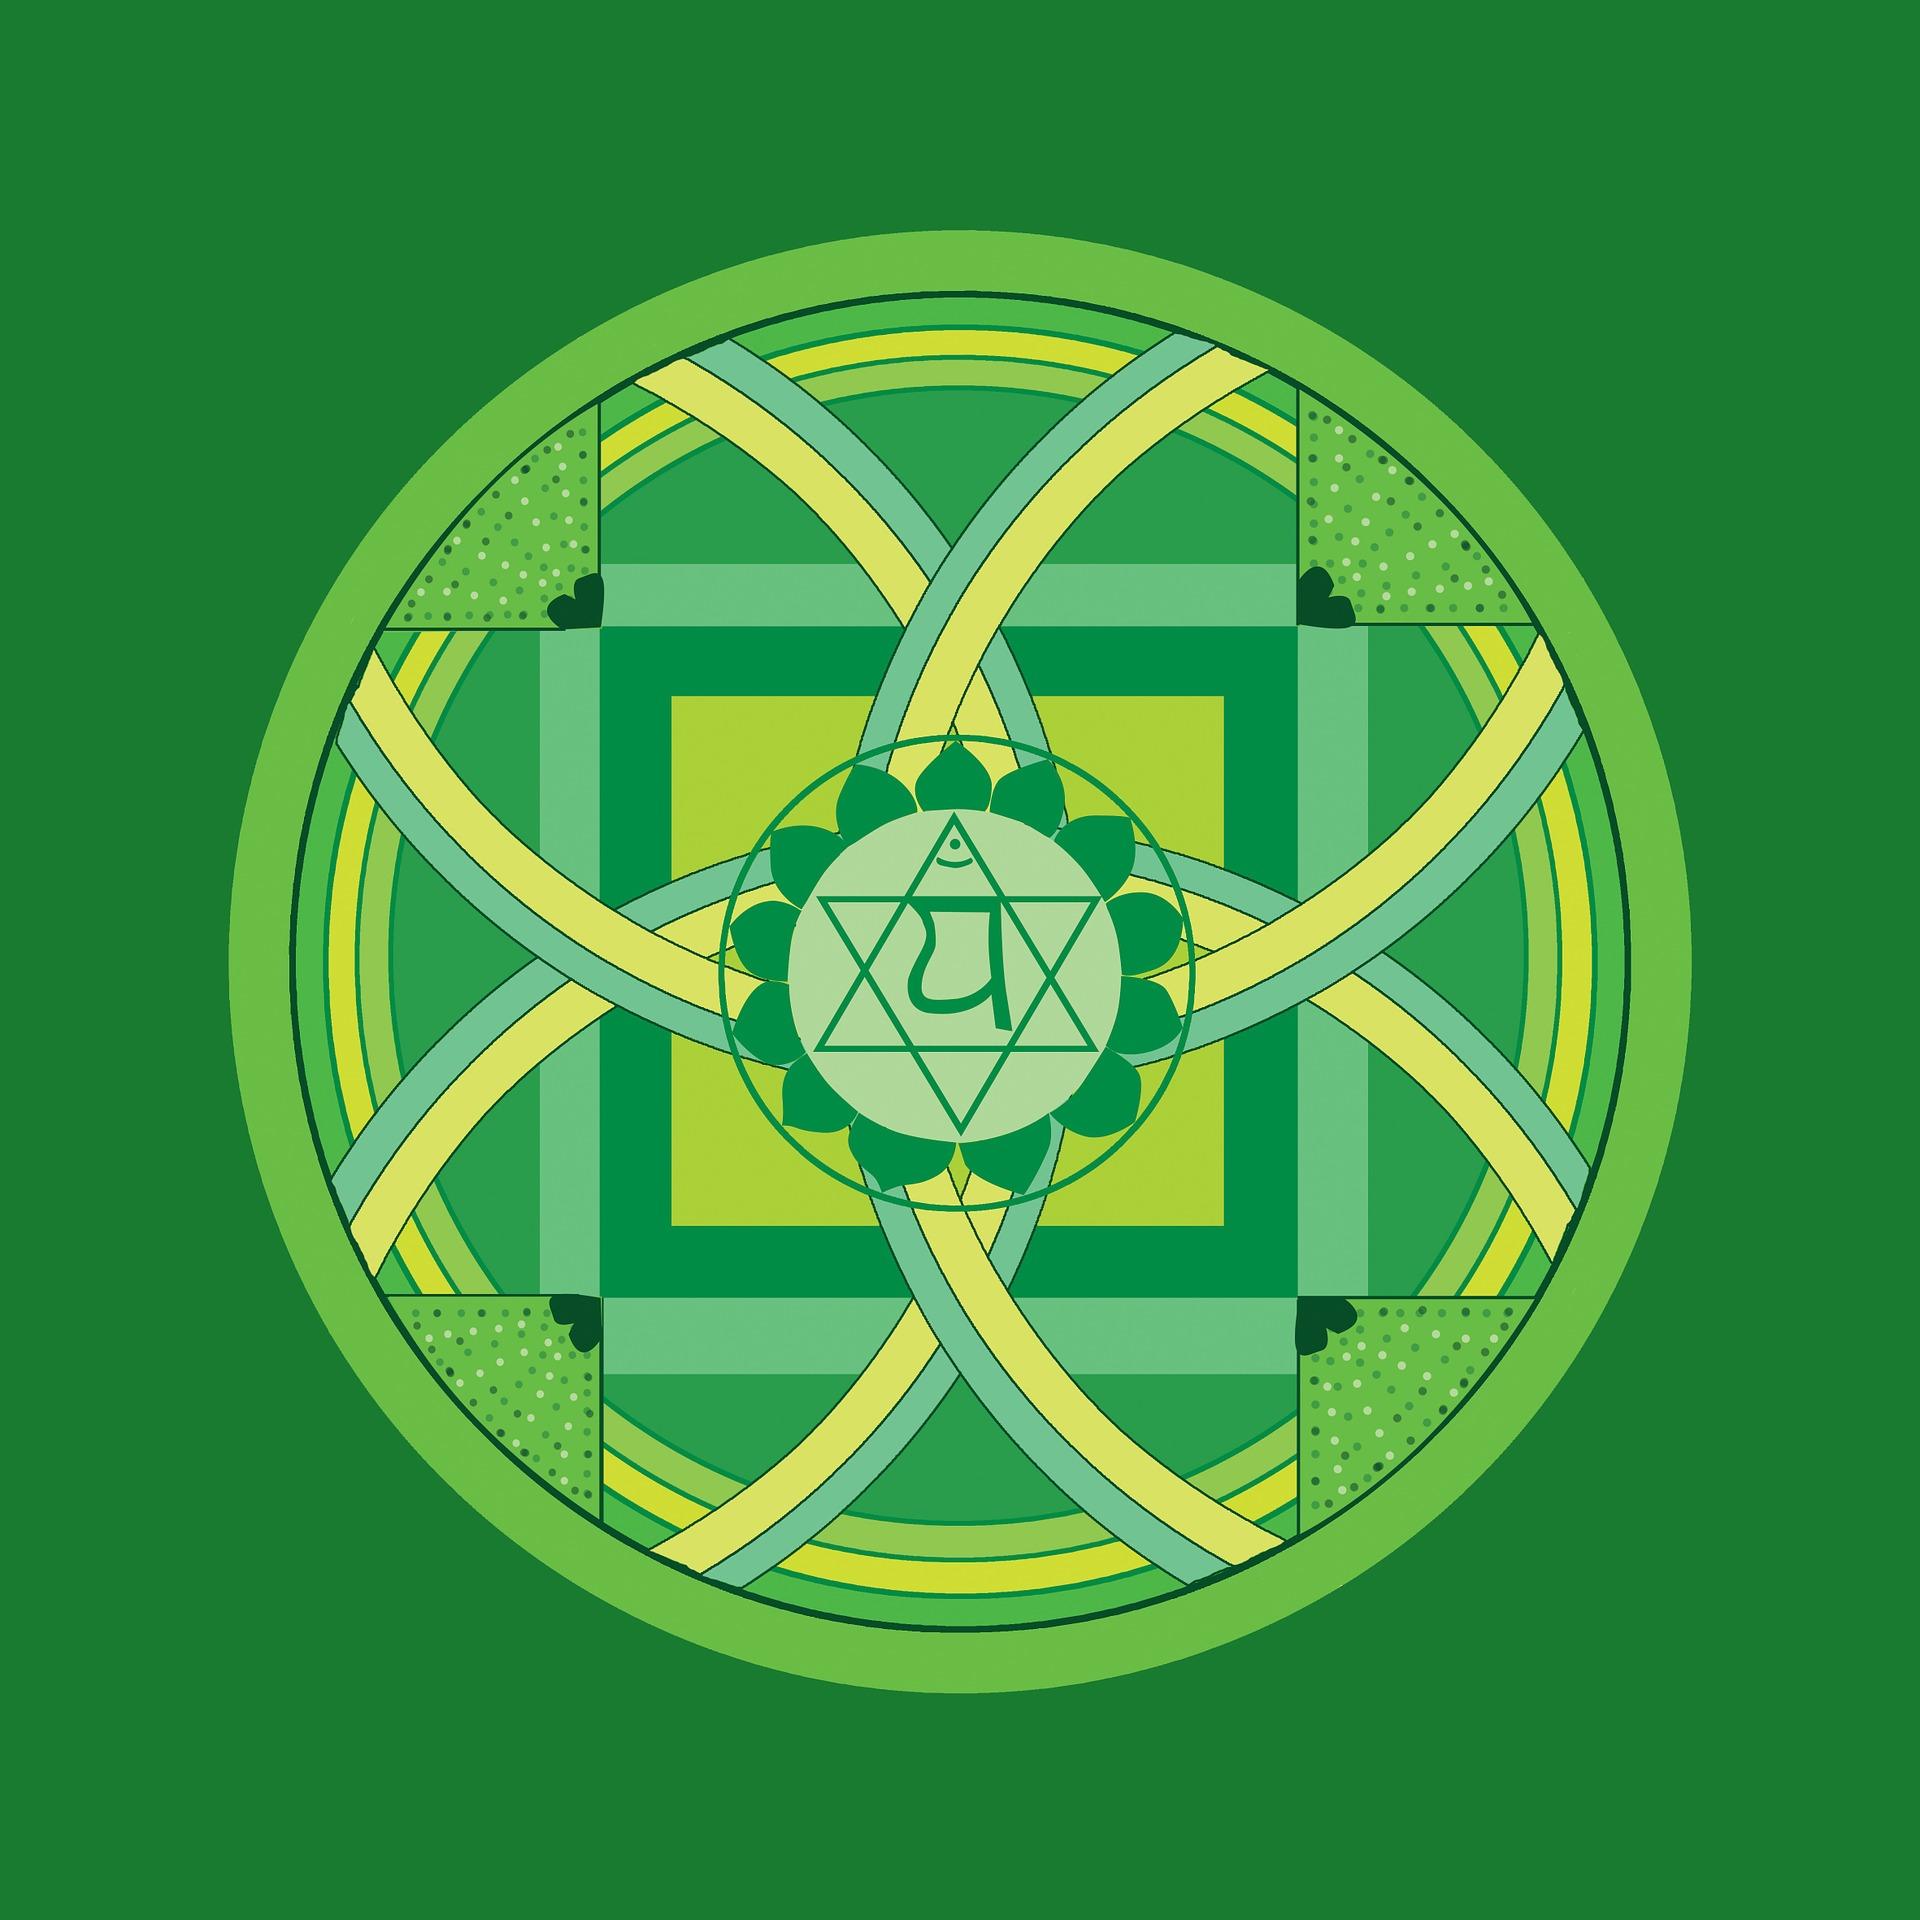 green-1340075_1920.jpg